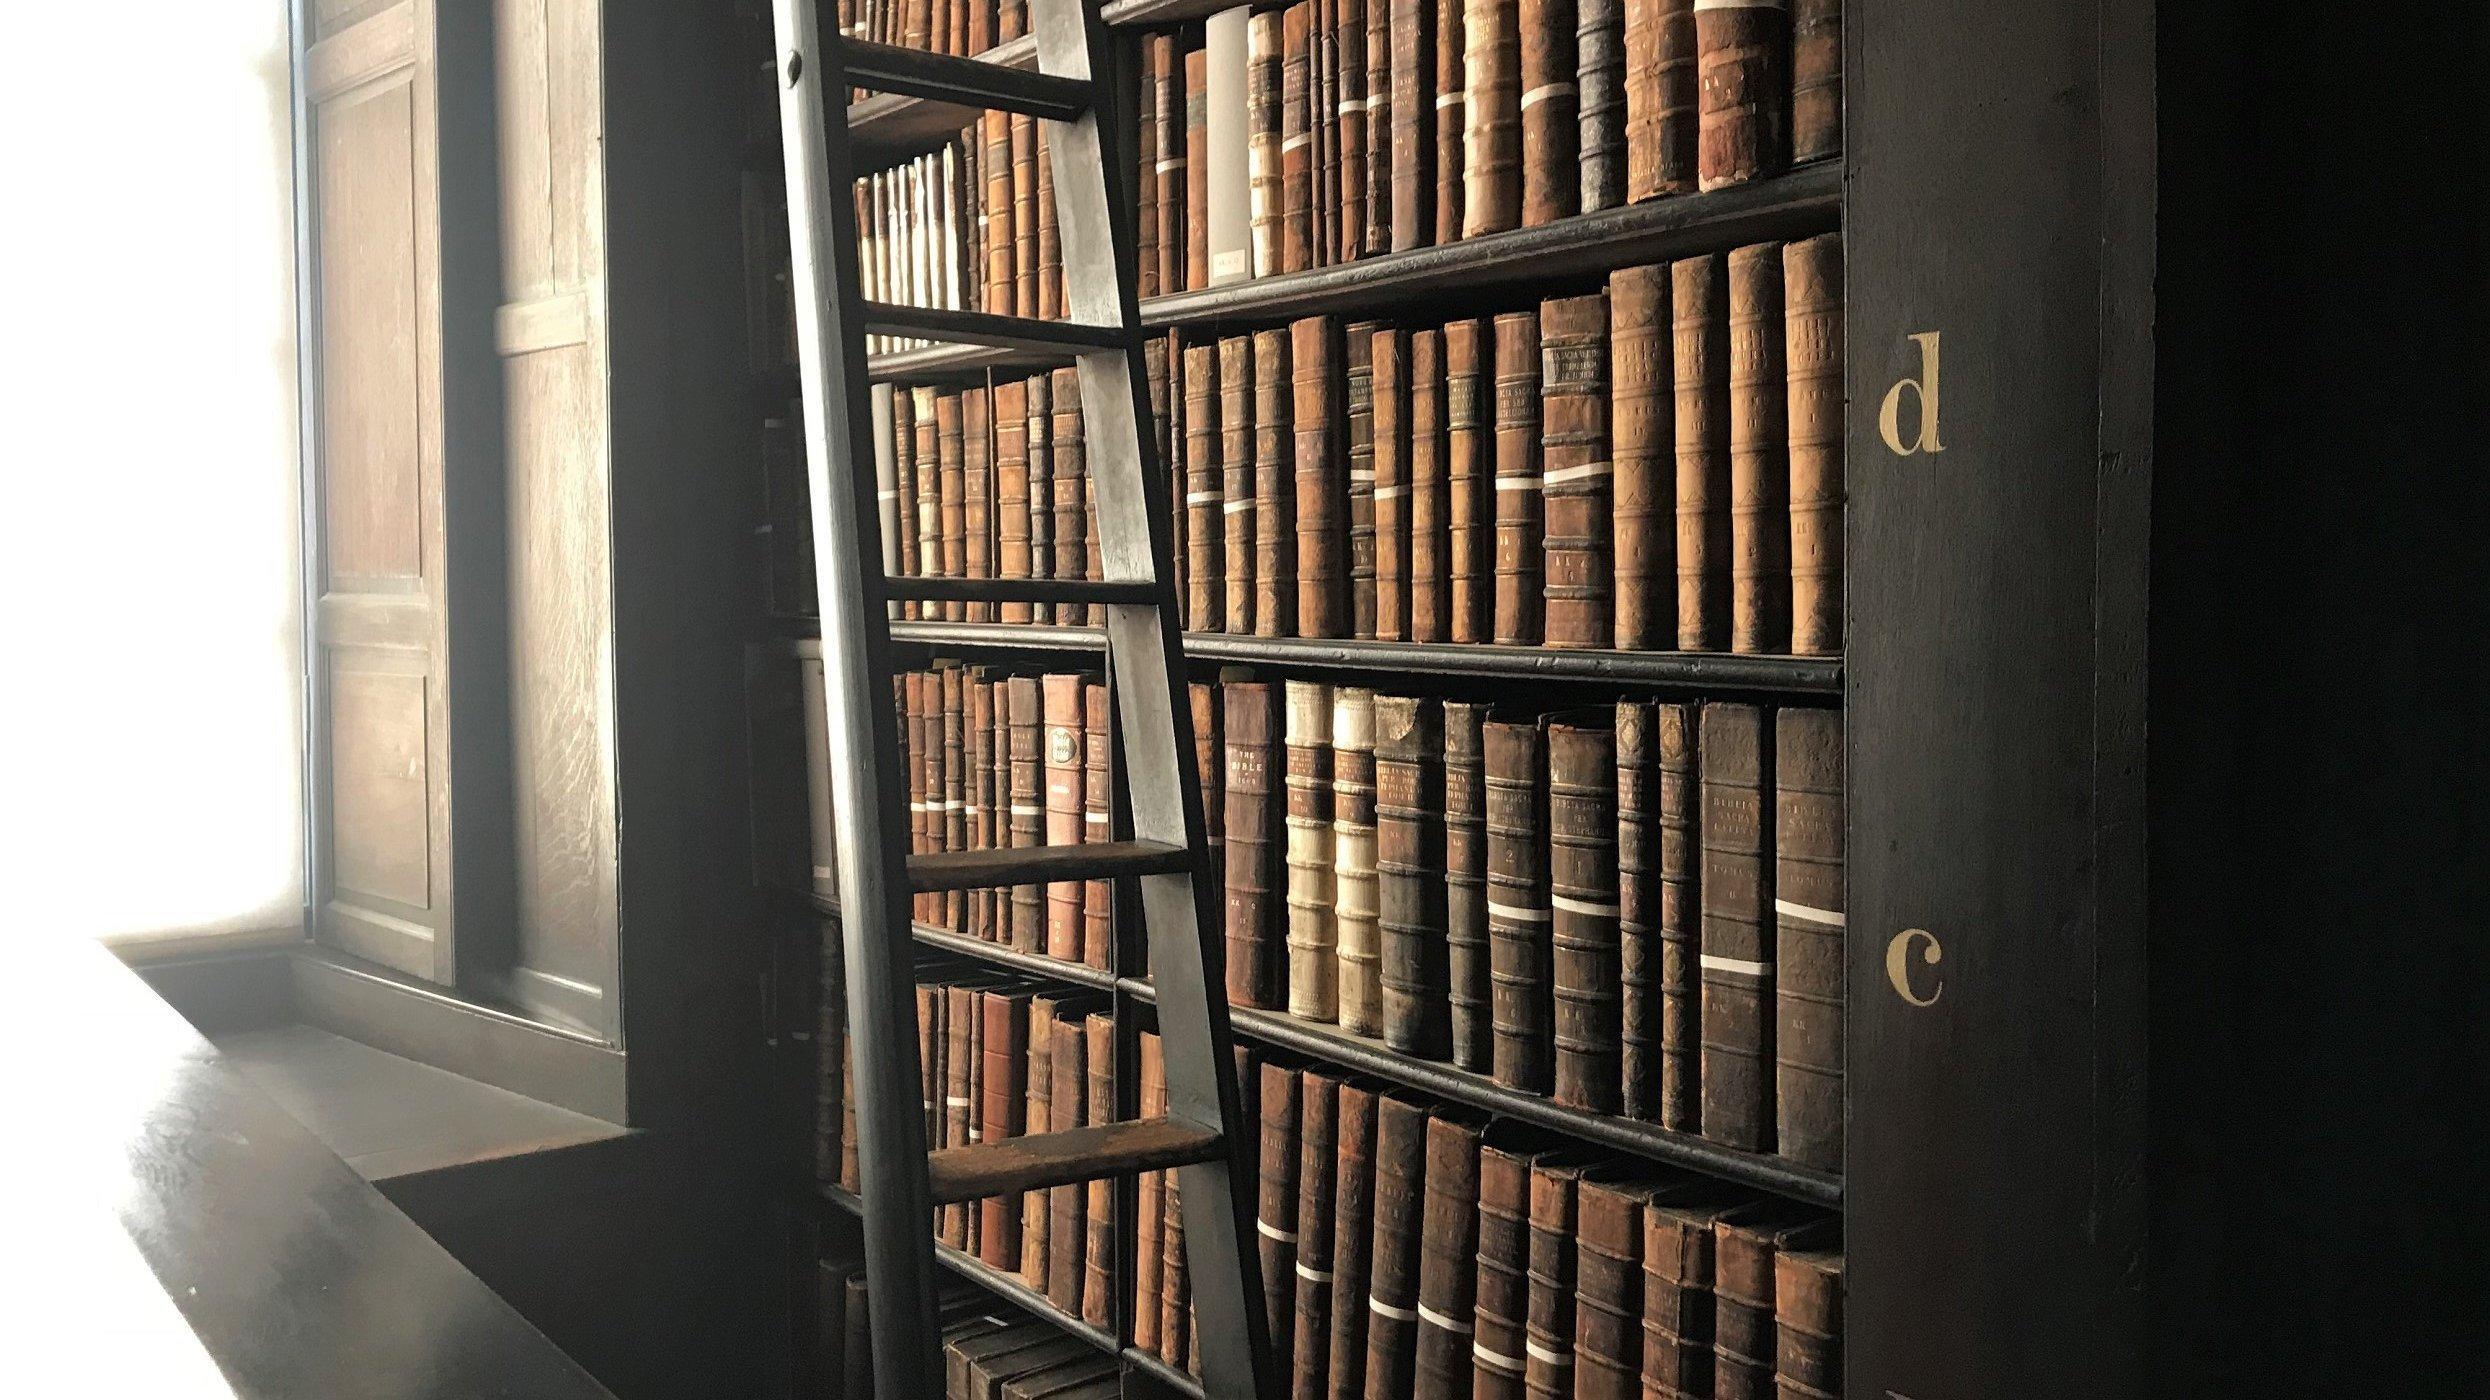 Ein Regal mit vielen alten Büchern der Bibliothek des Trinity College in Dublin, am Rand eine Leiter.